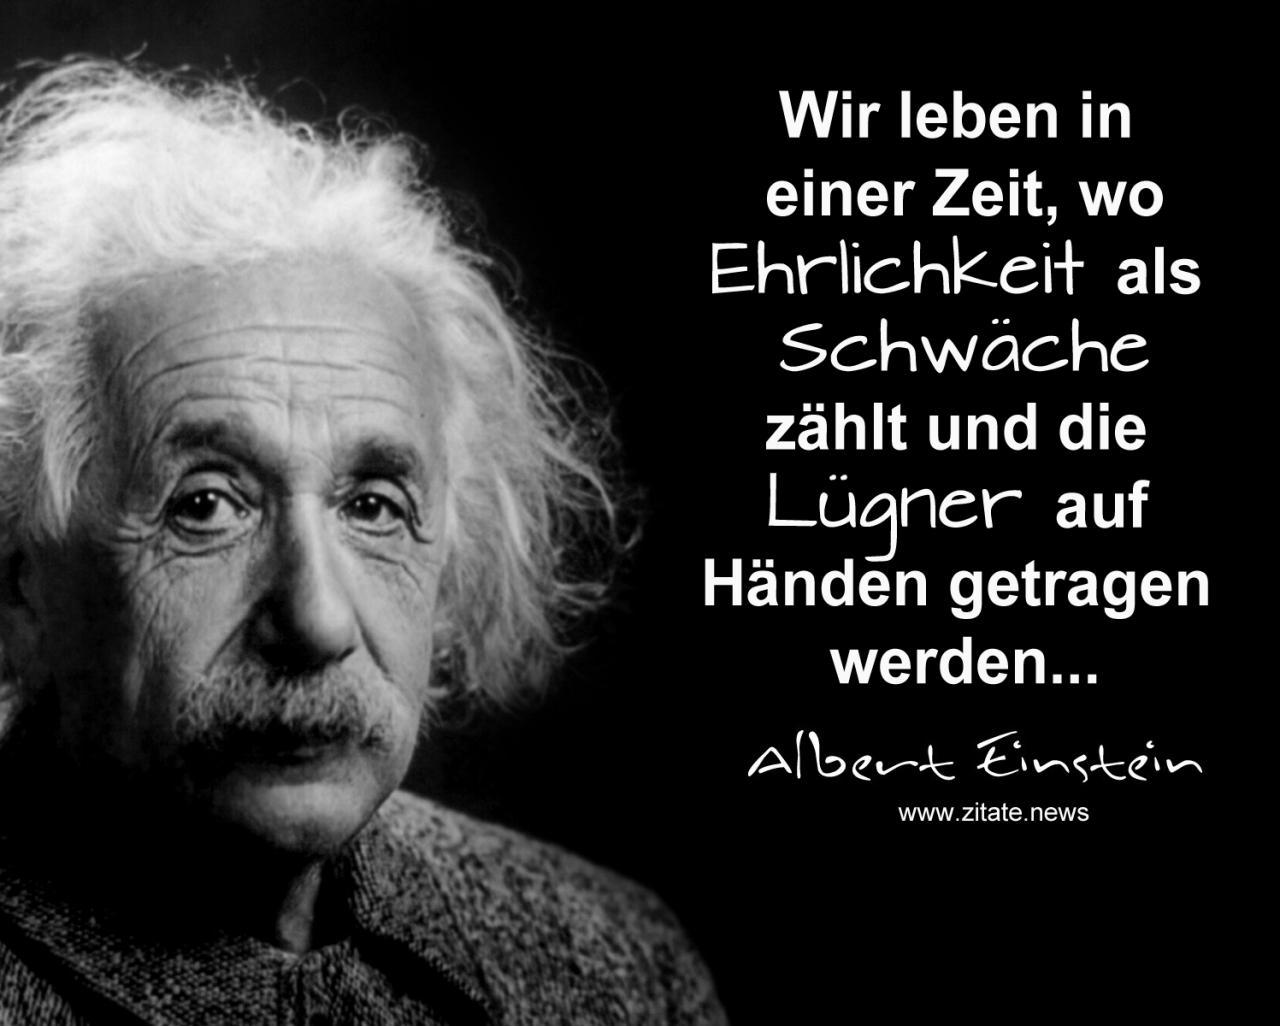 Albert Einstein Zitate News